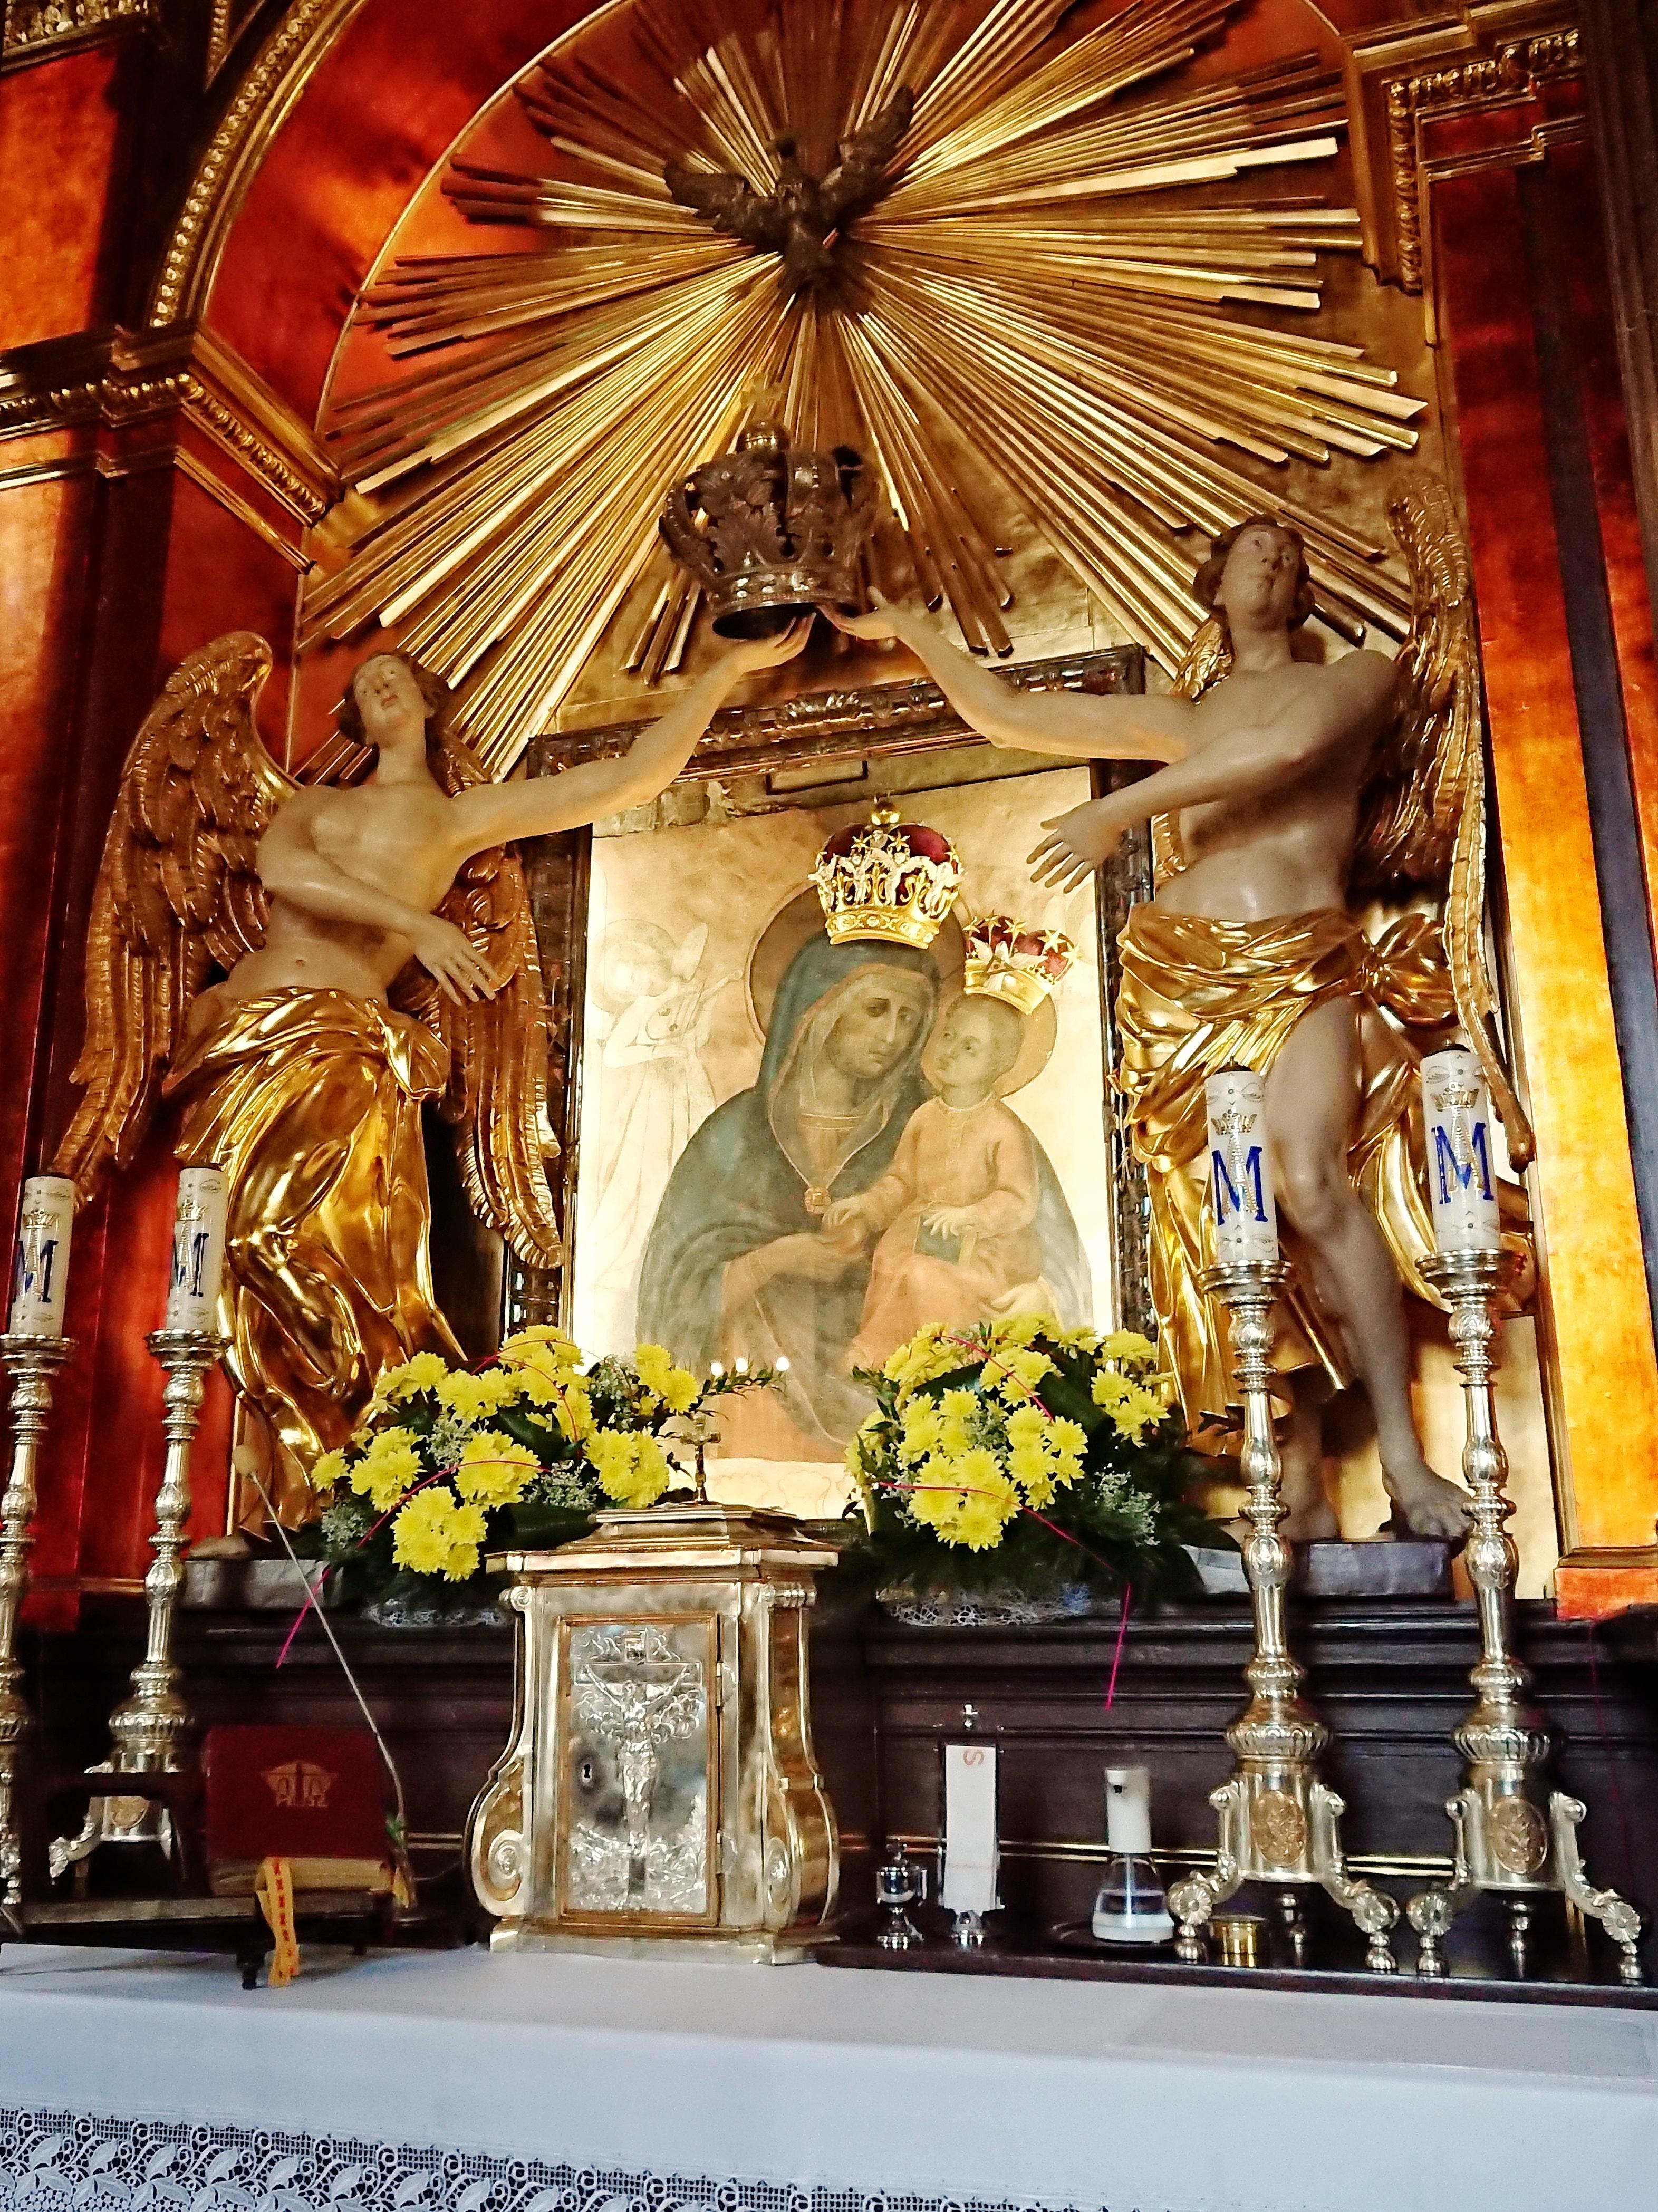 Matk Boska Piaskowa w kaplicy przy kościele Karmelitów na Piasku, źródło: archiwum autorki